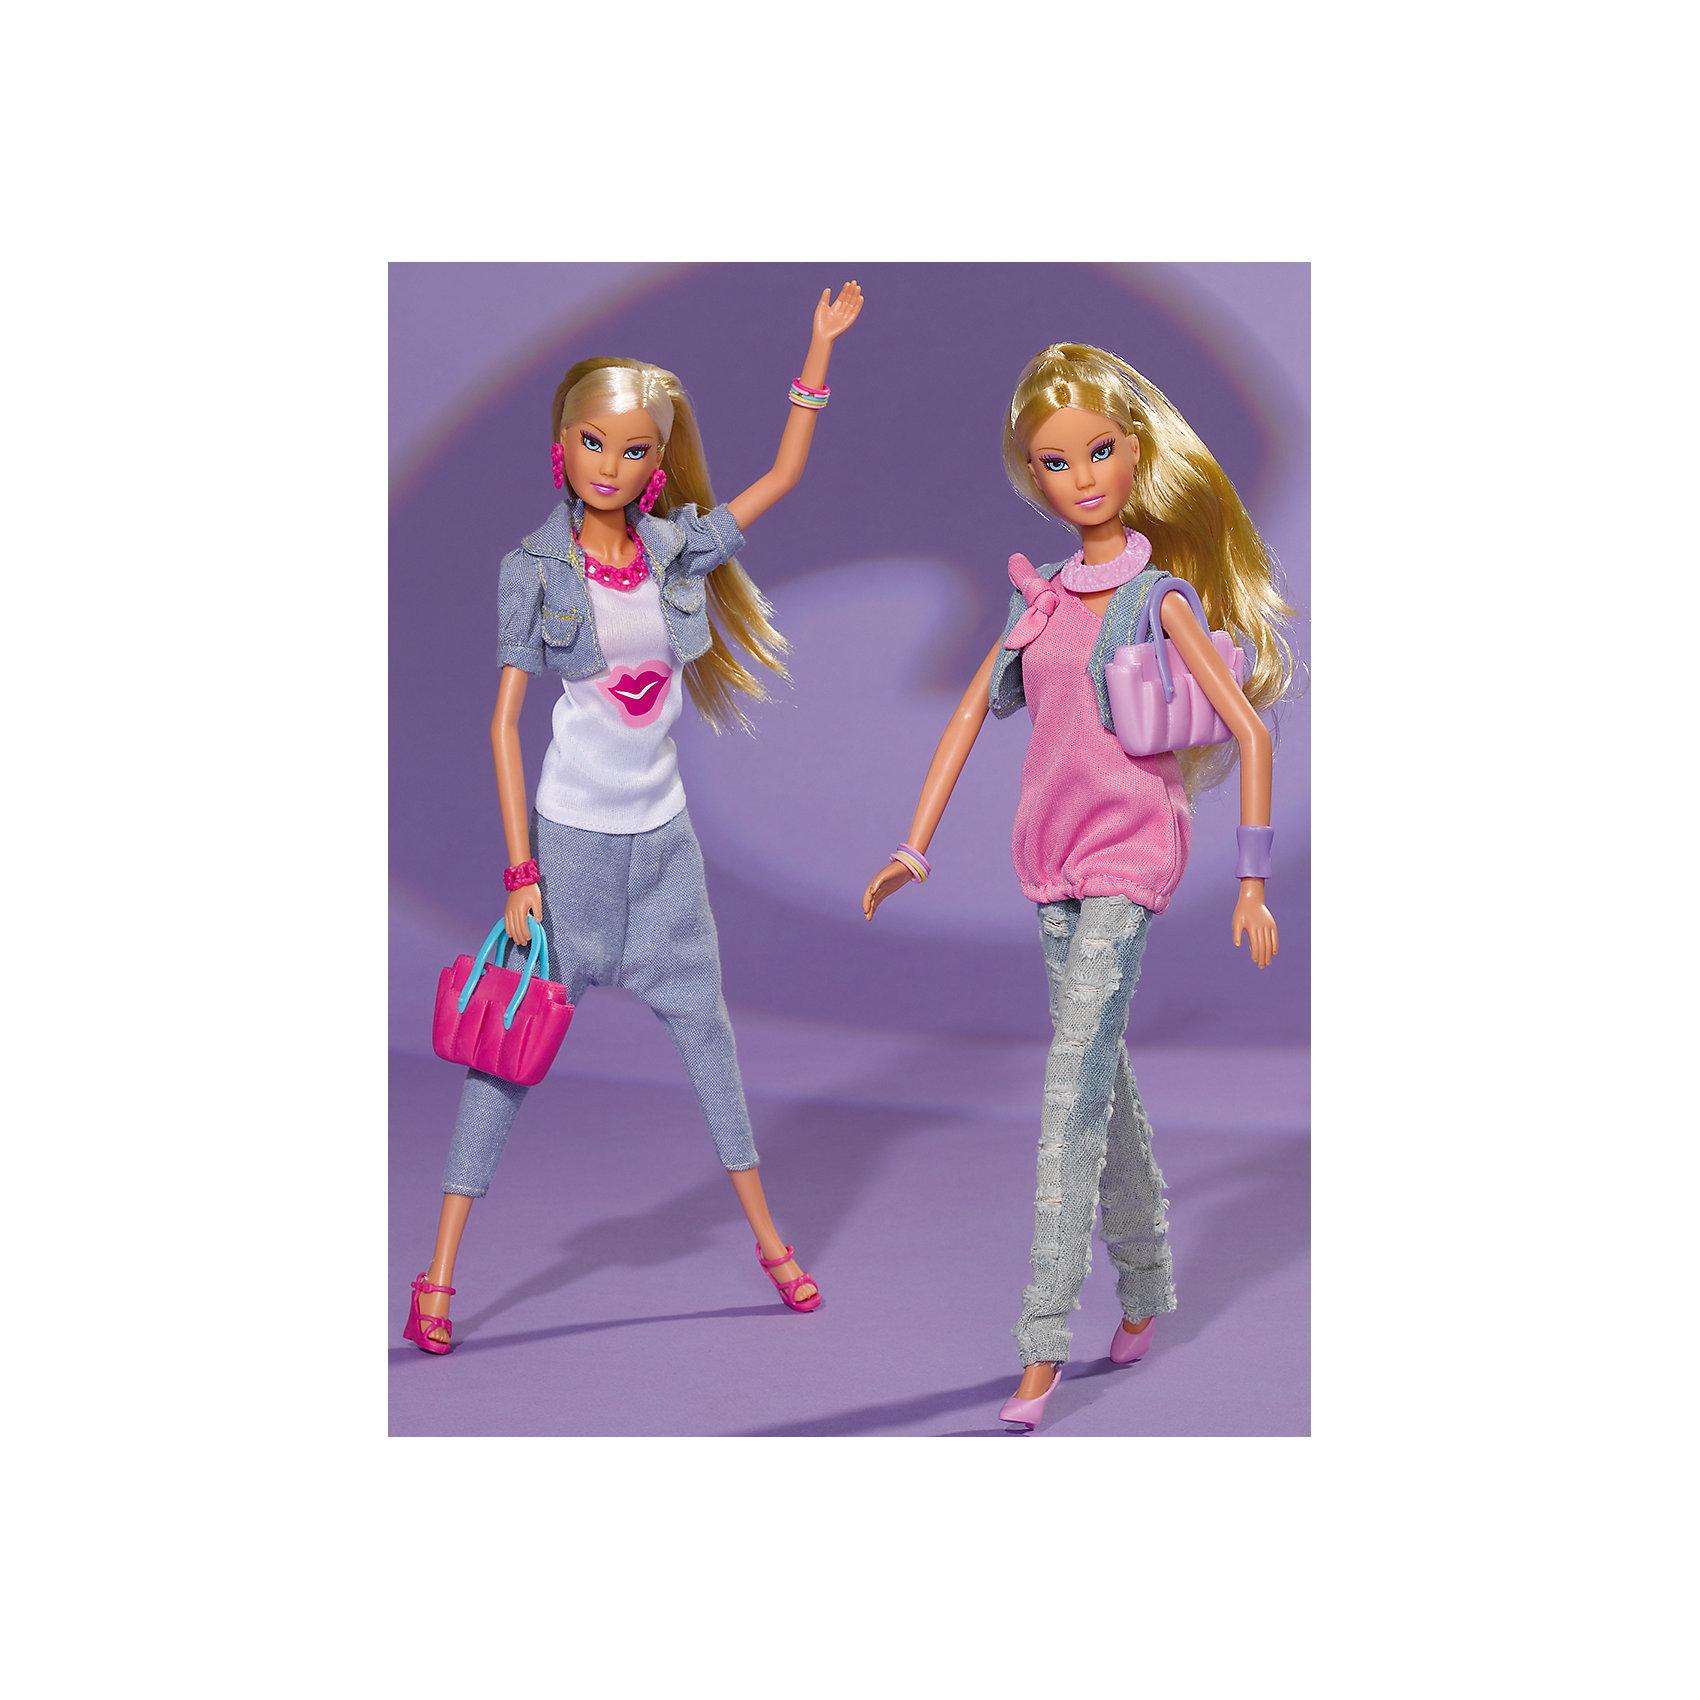 Кукла Штеффи в джинсах, SimbaХарактеристики товара:<br><br>- цвет: разноцветный;<br>- материал: пластик, текстиль;<br>- возраст: от трех лет;<br>- комплектация: кукла, аксессуары;<br>- высота куклы: 29 см.<br><br>Эта симпатичная кукла Штеффи от известного бренда не оставит девочку равнодушной! Какая девочка сможет отказаться поиграть с куклами, которые дополнены таким очаровательным нарядом?! В набор входит одежда для куклы. Игрушка очень качественно выполнена, поэтому она станет замечательным подарком ребенку. <br>Продается набор в красивой удобной упаковке. Игры с куклами помогают девочкам развить важные навыки и отработать модели социального взаимодействия. Изделие произведено из высококачественного материала, безопасного для детей.<br><br>Куклу Штеффи в джинсах, 29 см, от бренда Simba можно купить в нашем интернет-магазине.<br><br>Ширина мм: 120<br>Глубина мм: 328<br>Высота мм: 520<br>Вес г: 231<br>Возраст от месяцев: 36<br>Возраст до месяцев: 72<br>Пол: Женский<br>Возраст: Детский<br>SKU: 2270174